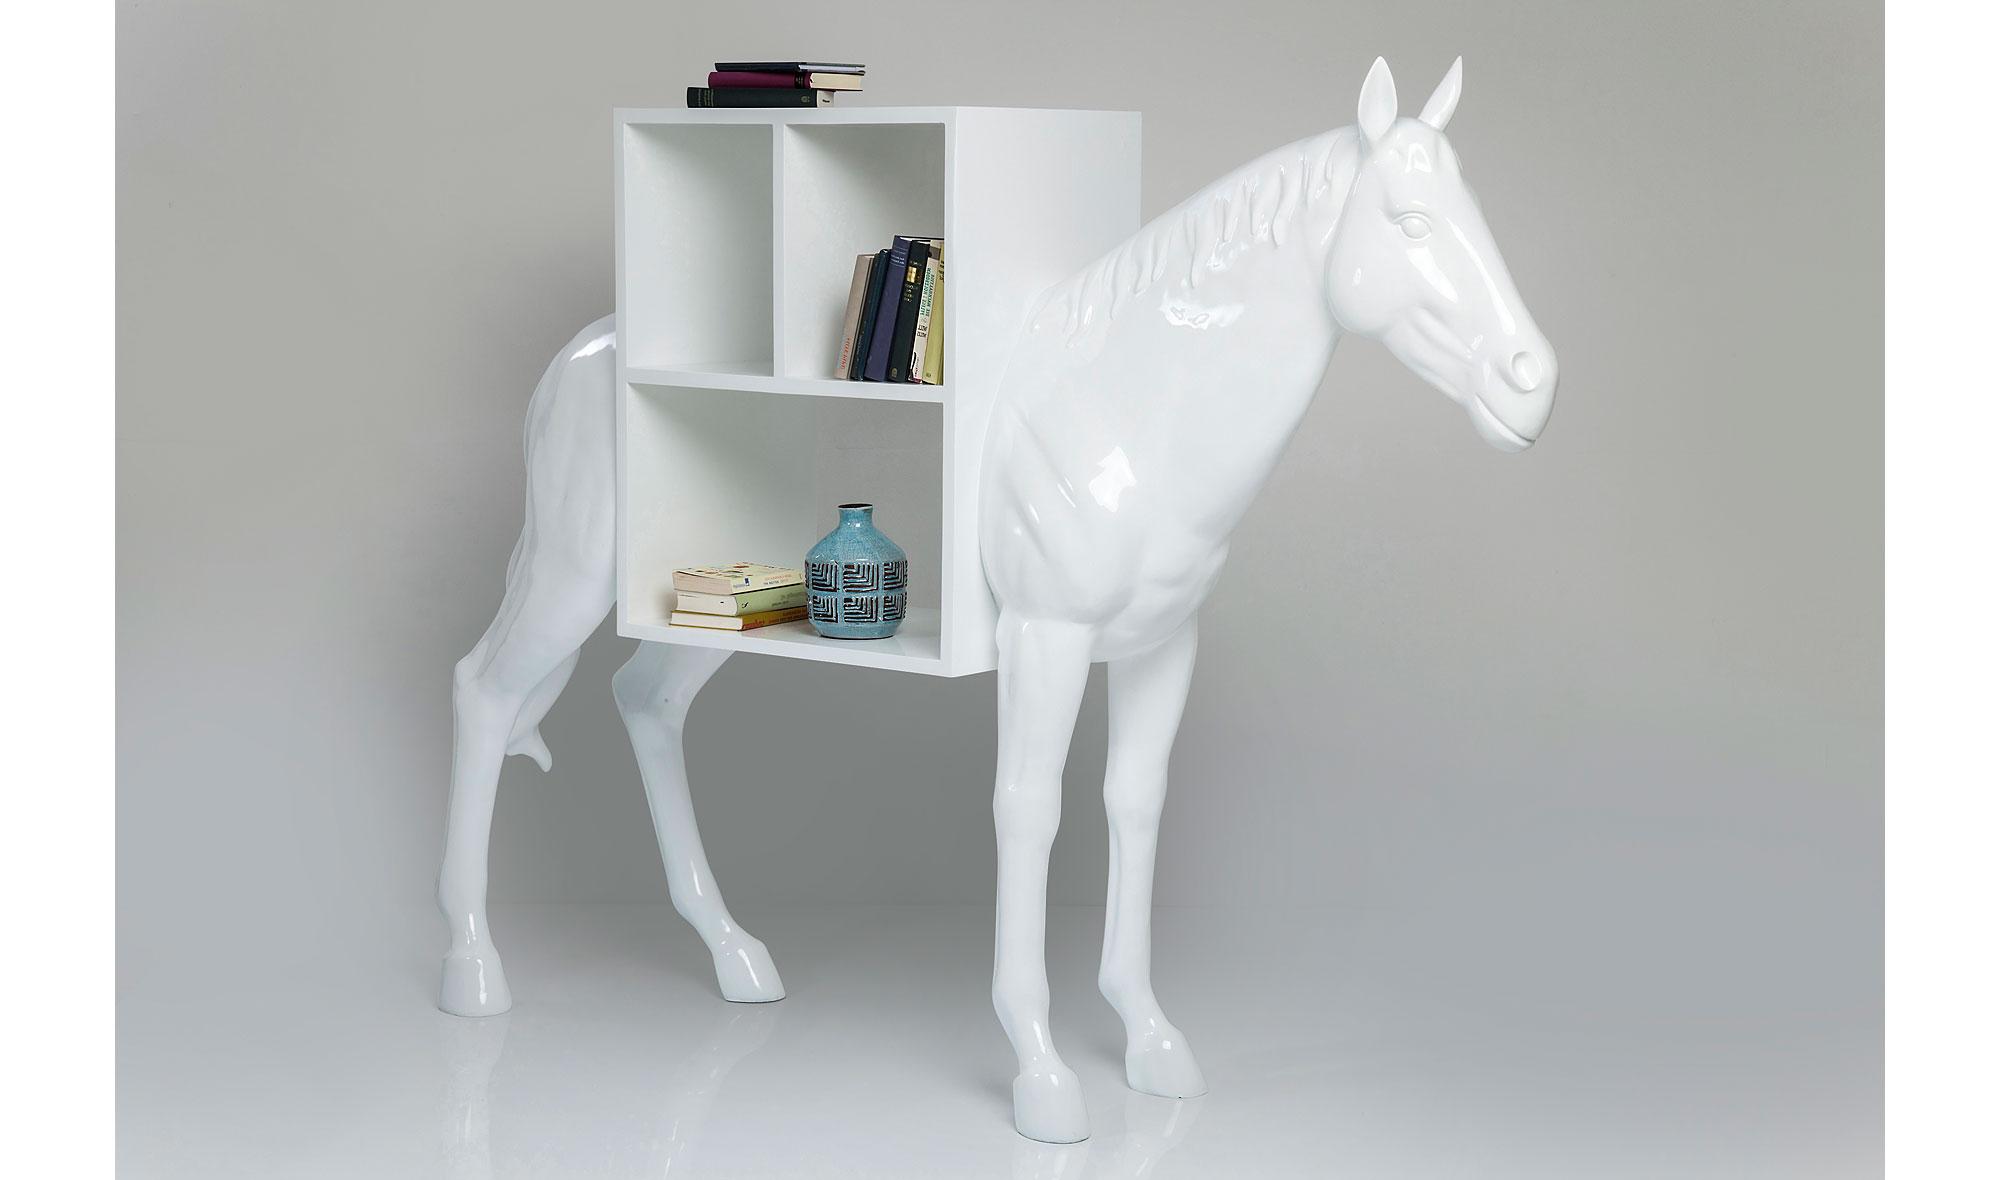 estanteria moderna caballo no esta disponible